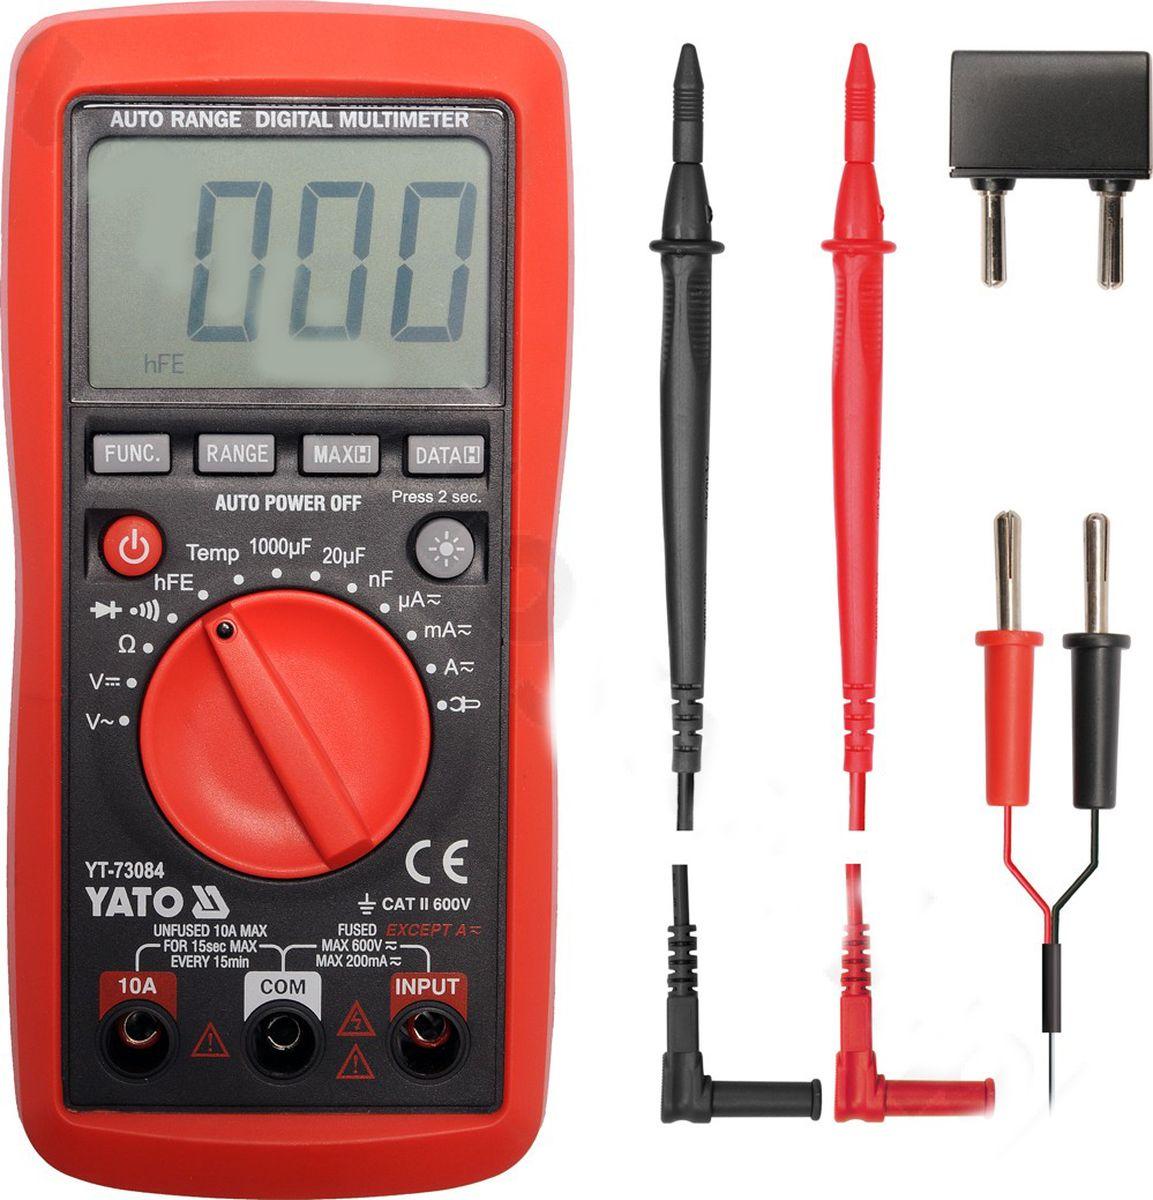 Мультиметр цифровой YatoYT-73084Мультиметр Yato предназначен для измерения тока, напряжения и температуры. Прибор многофункционален, портативен, питается от химических источников, удобен при ремонте электрооборудования автомобиля, лабораторных измерений.Диапазон измерения постоянного напряжения: 0-600 В. Диапазон измерения переменного напряжения: 0-600 В. Диапазон измерения сопротивление: 0-20 Ом. Диапазон измерения температуры: -20 - +1000°С.